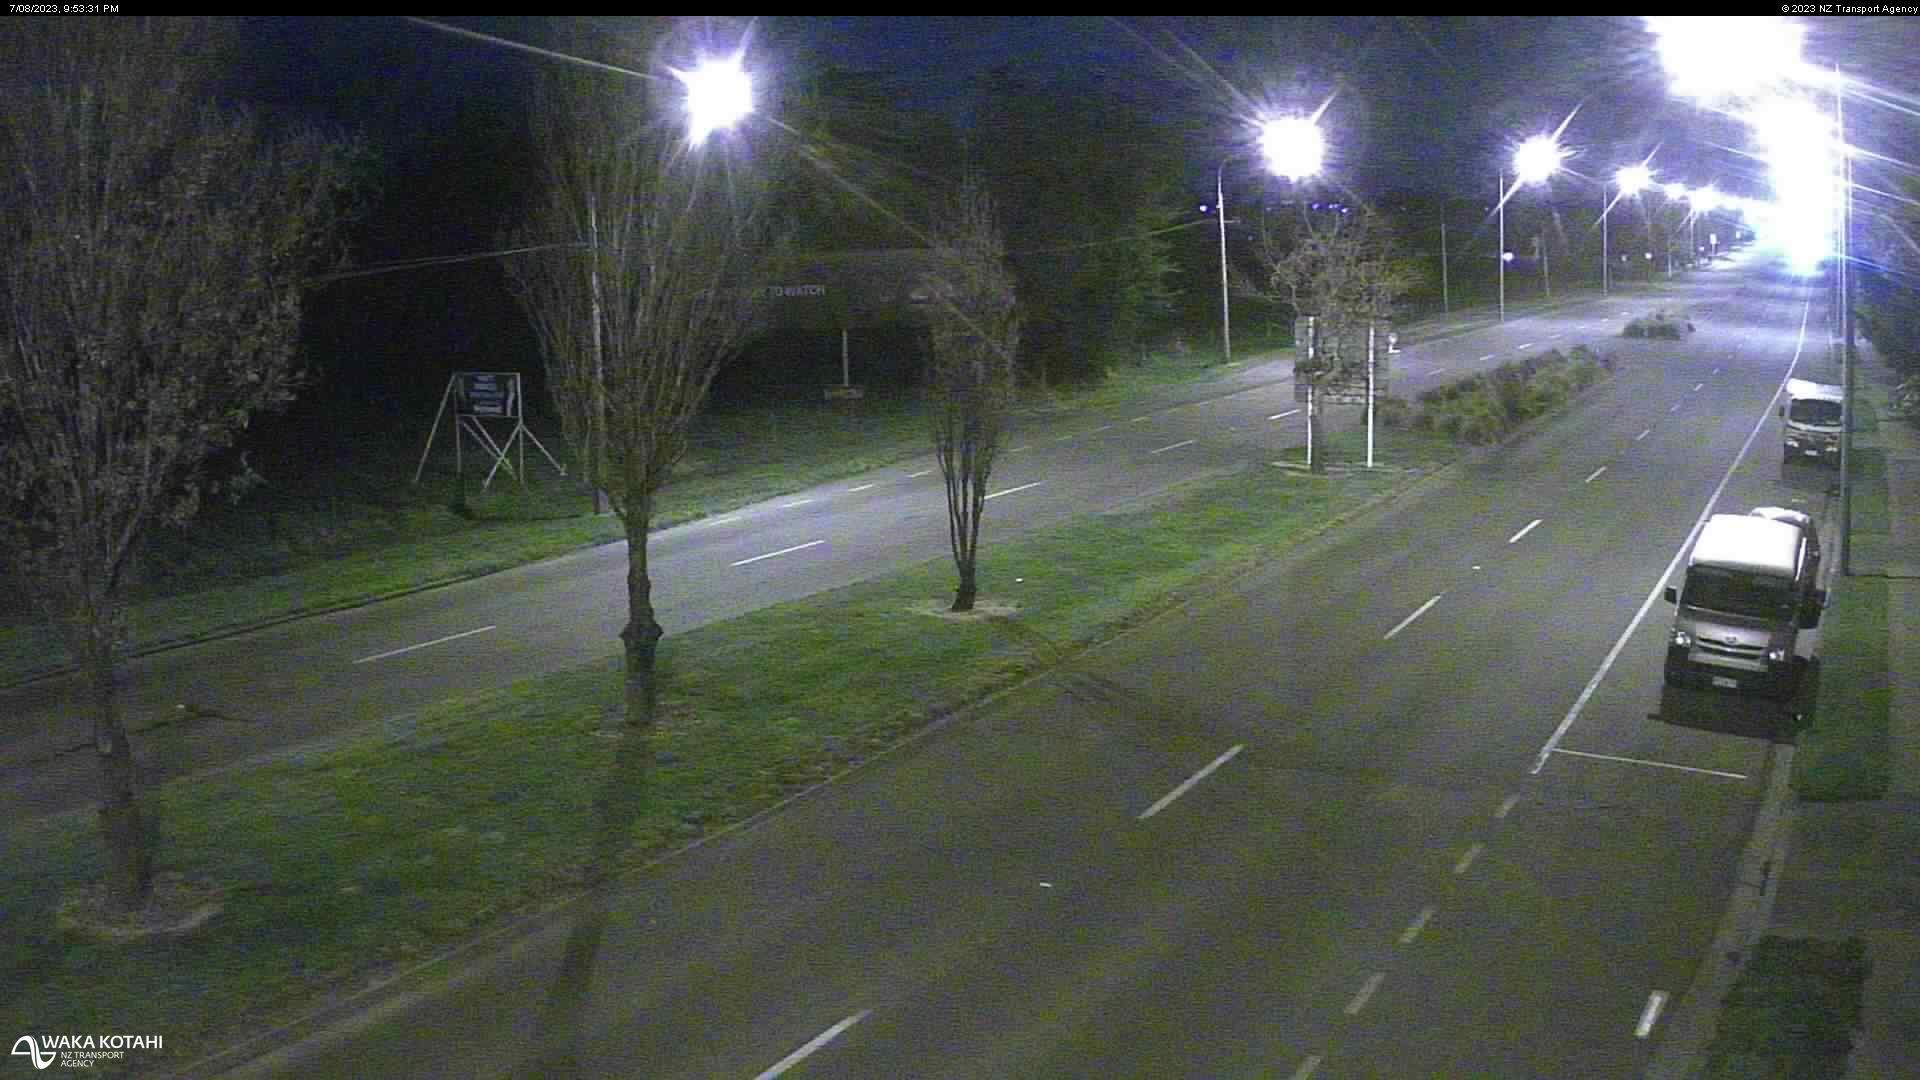 Webkamera Chaneys › South: SH1 − South, Christchurch